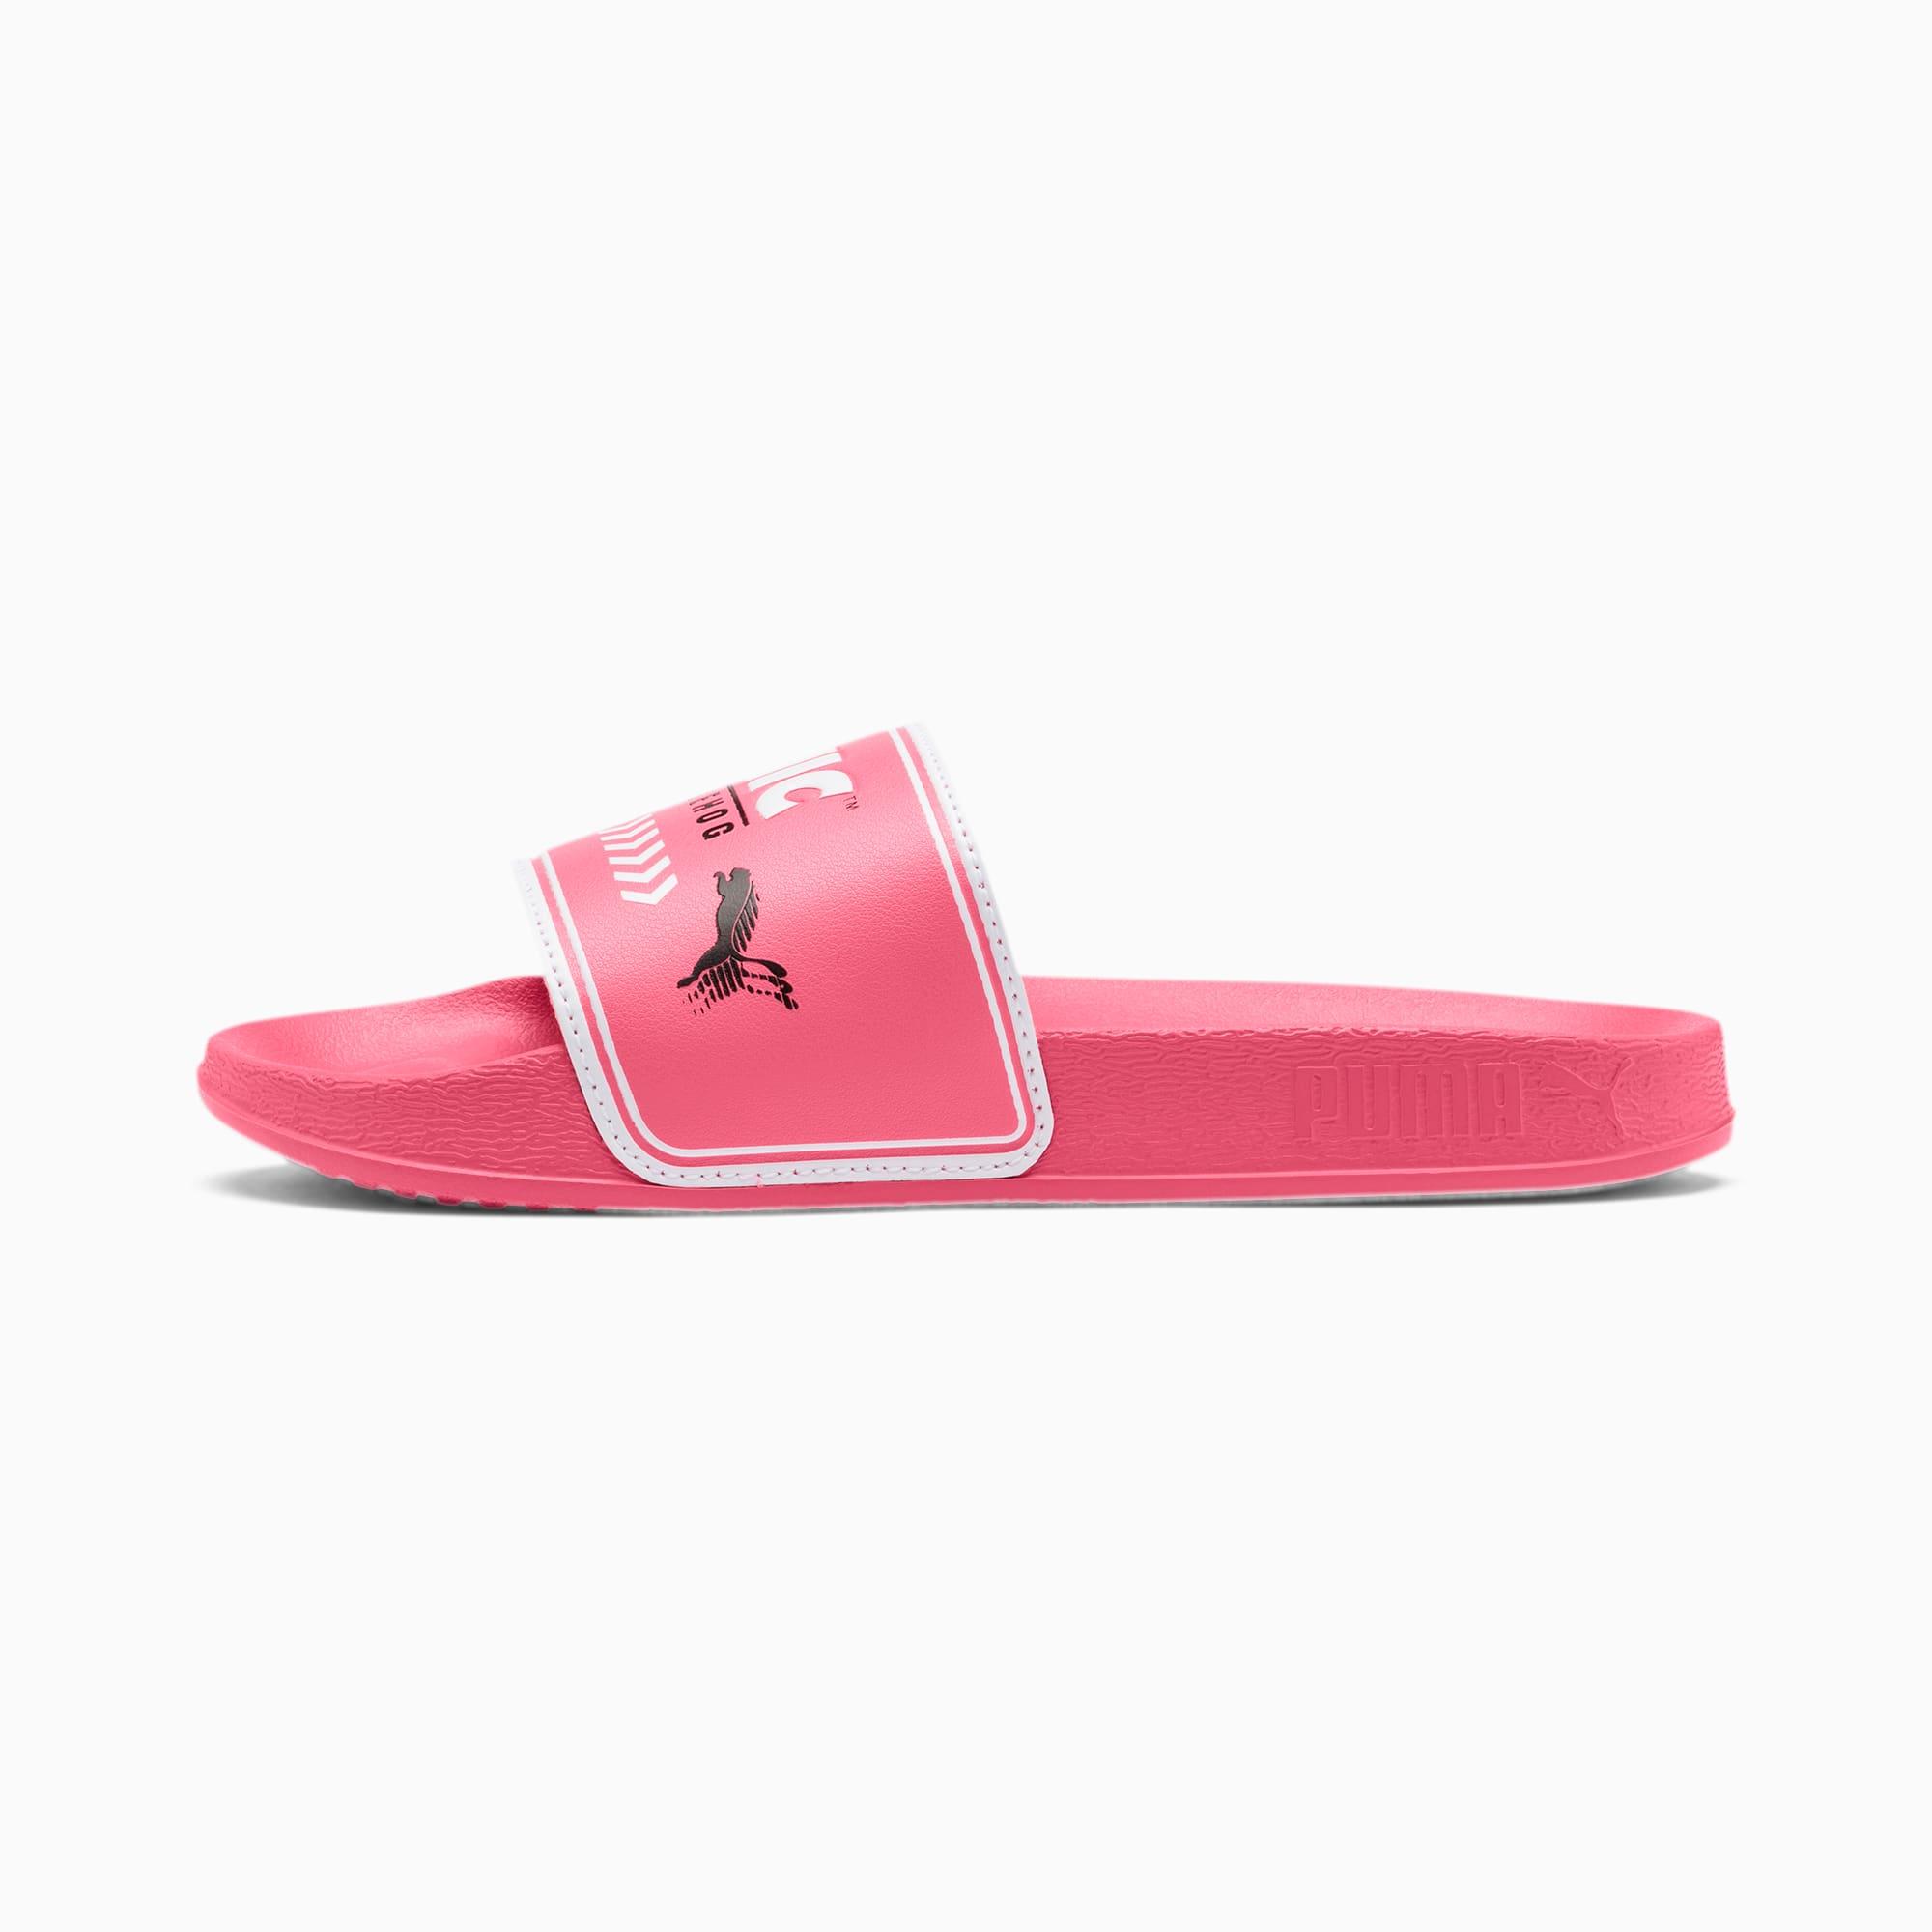 PUMA Sandale PUMA x SONIC Leadcat pour enfant, Blanc, Taille 34.5, Chaussures